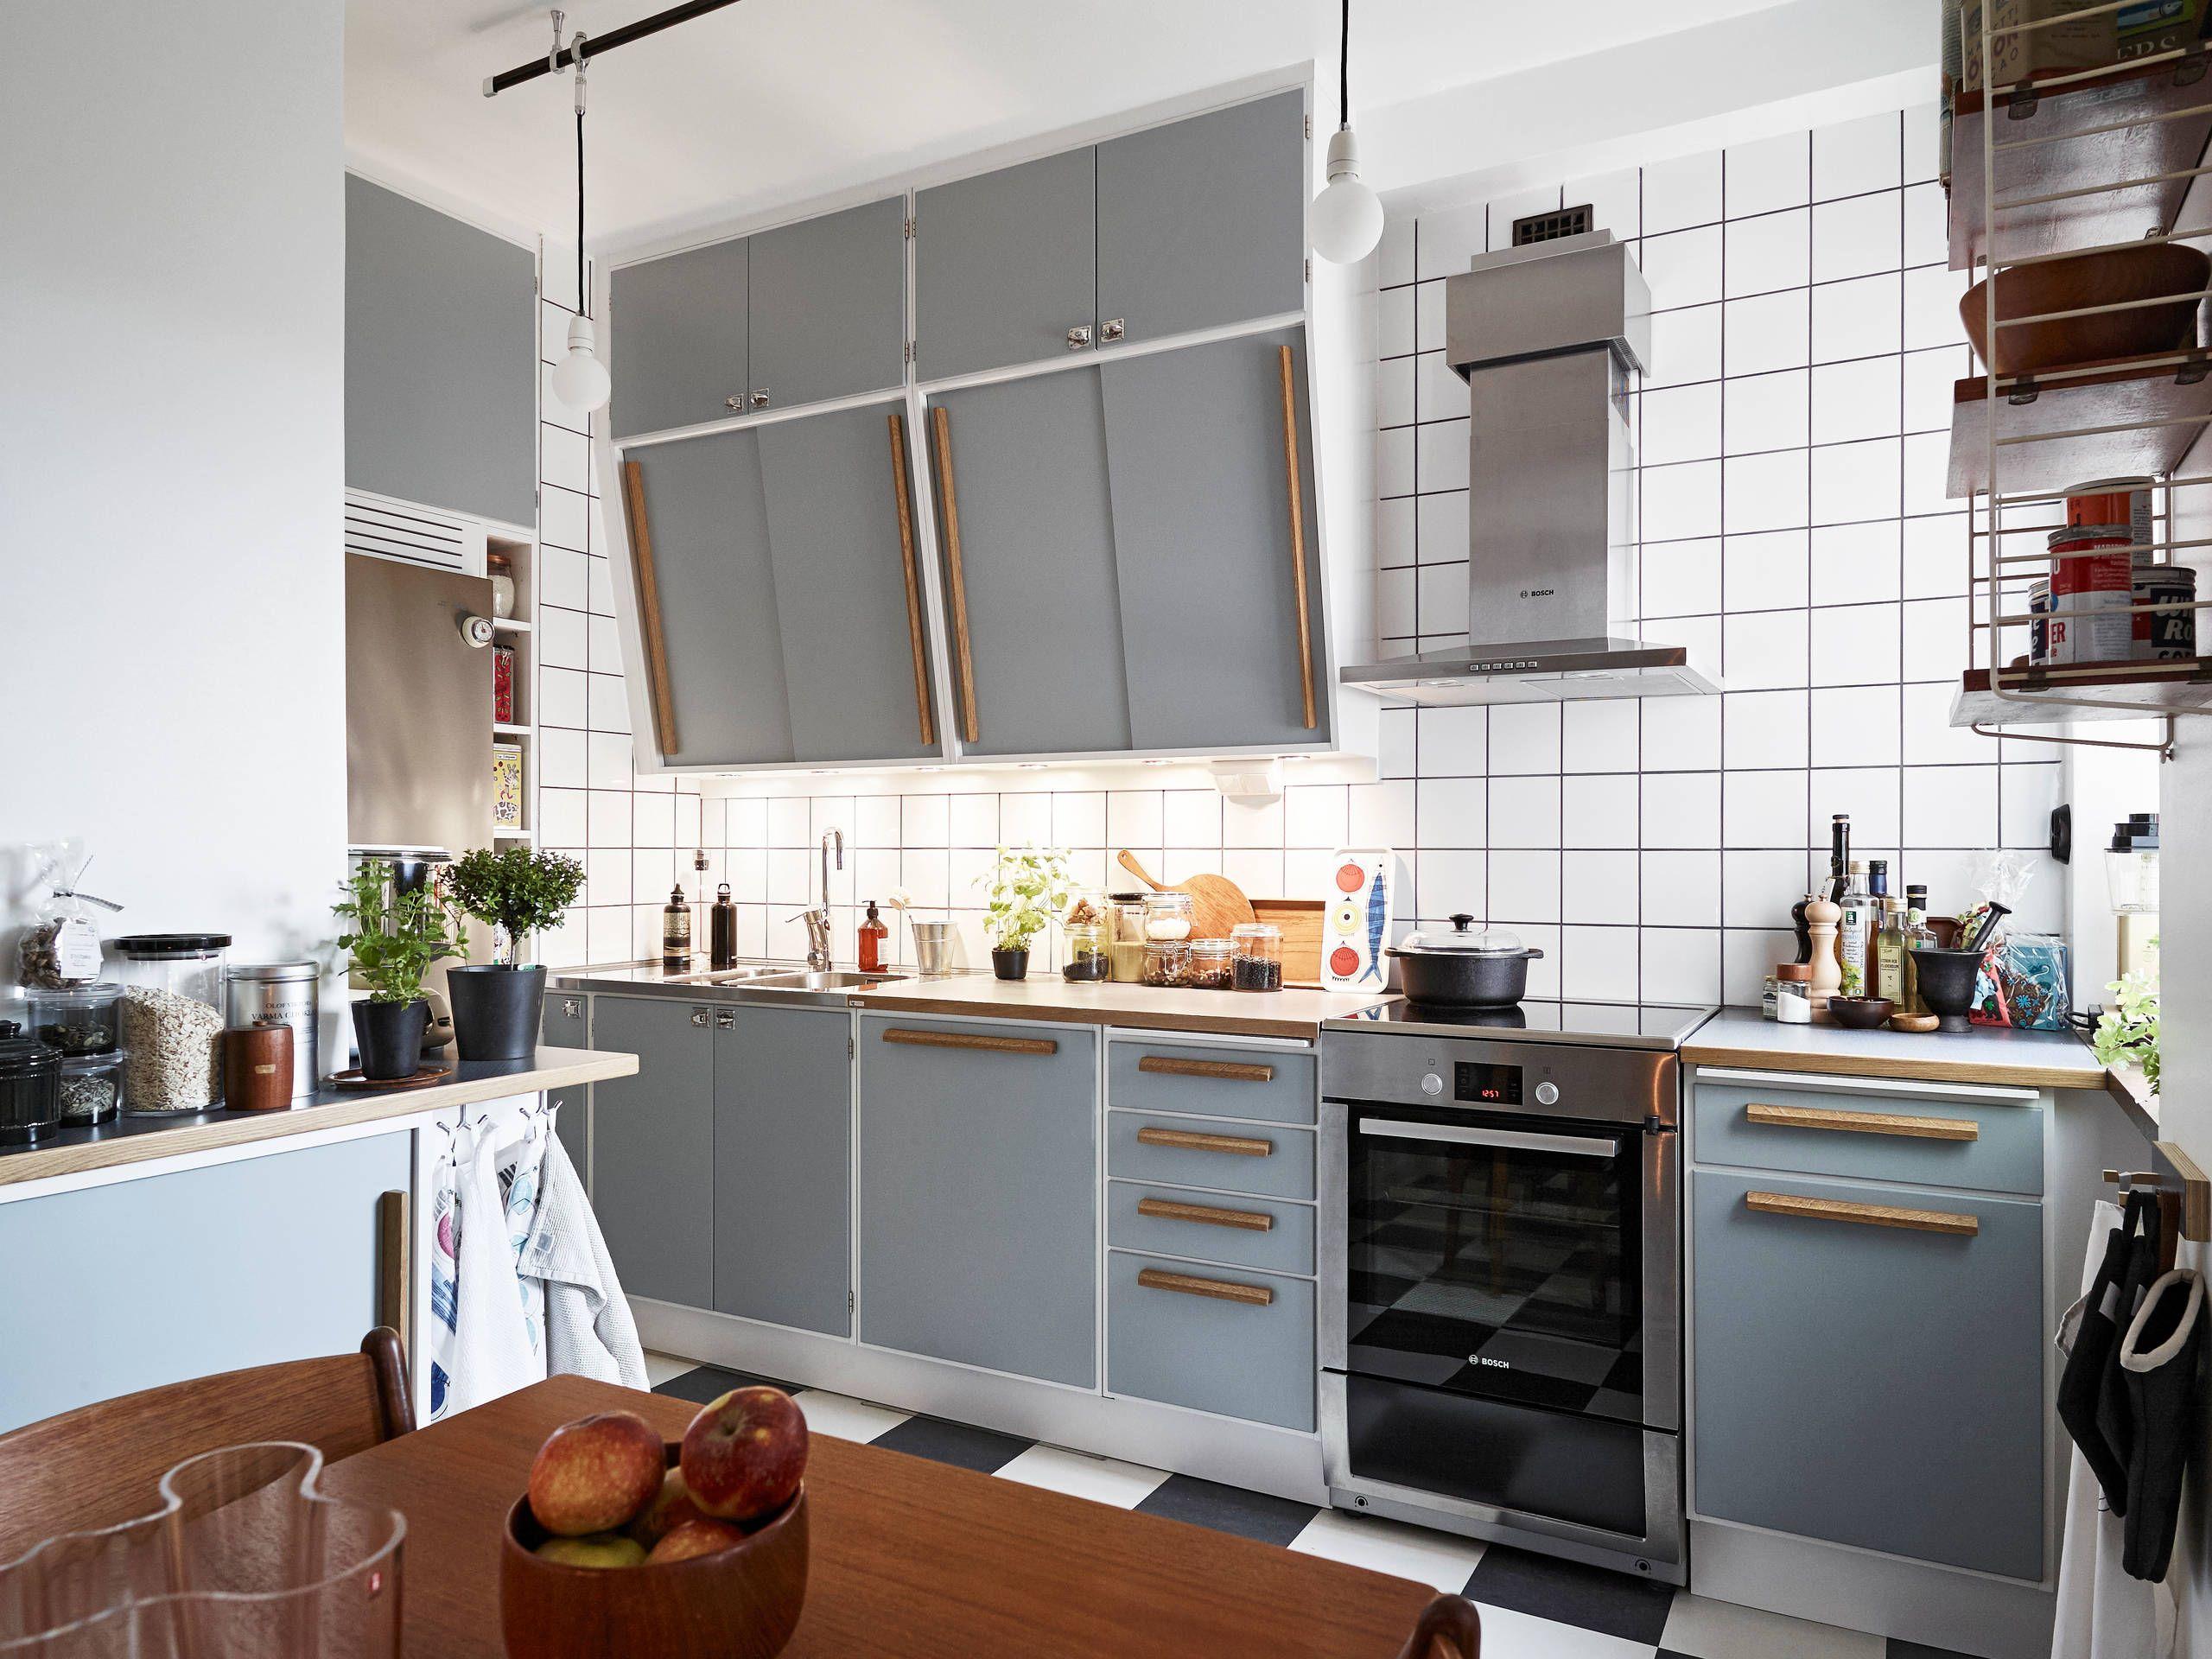 retro kitchen with a modern tough | KÜCHE - KITCHEN | Pinterest | Küche